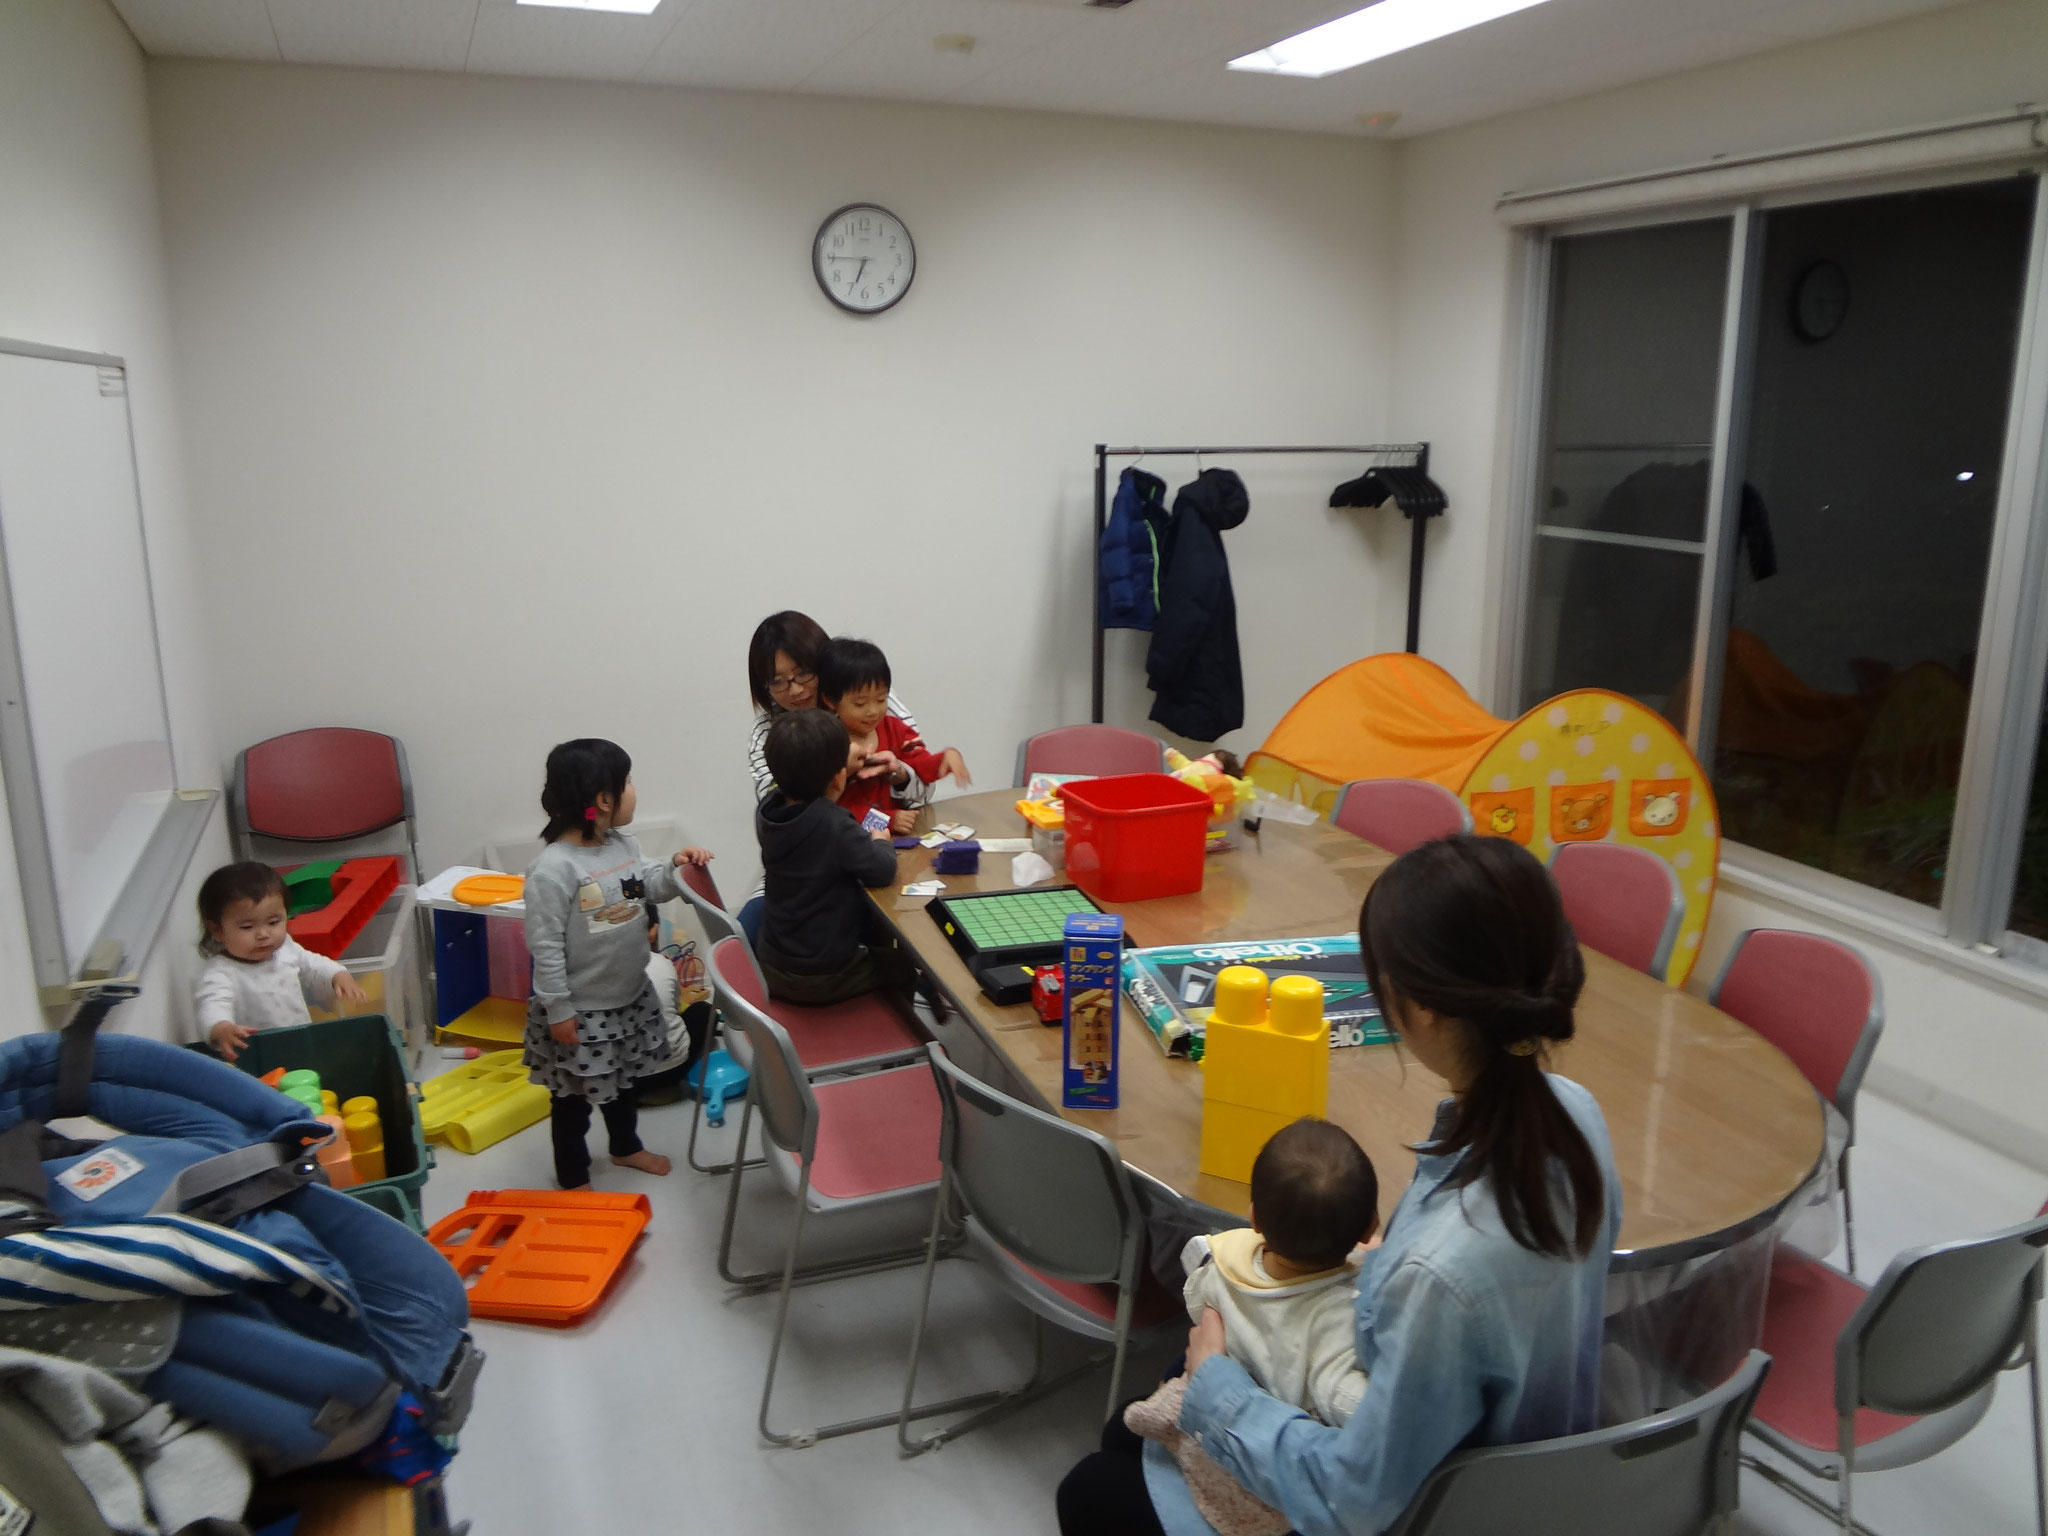 食事後、子供たちは別室で遊びました。